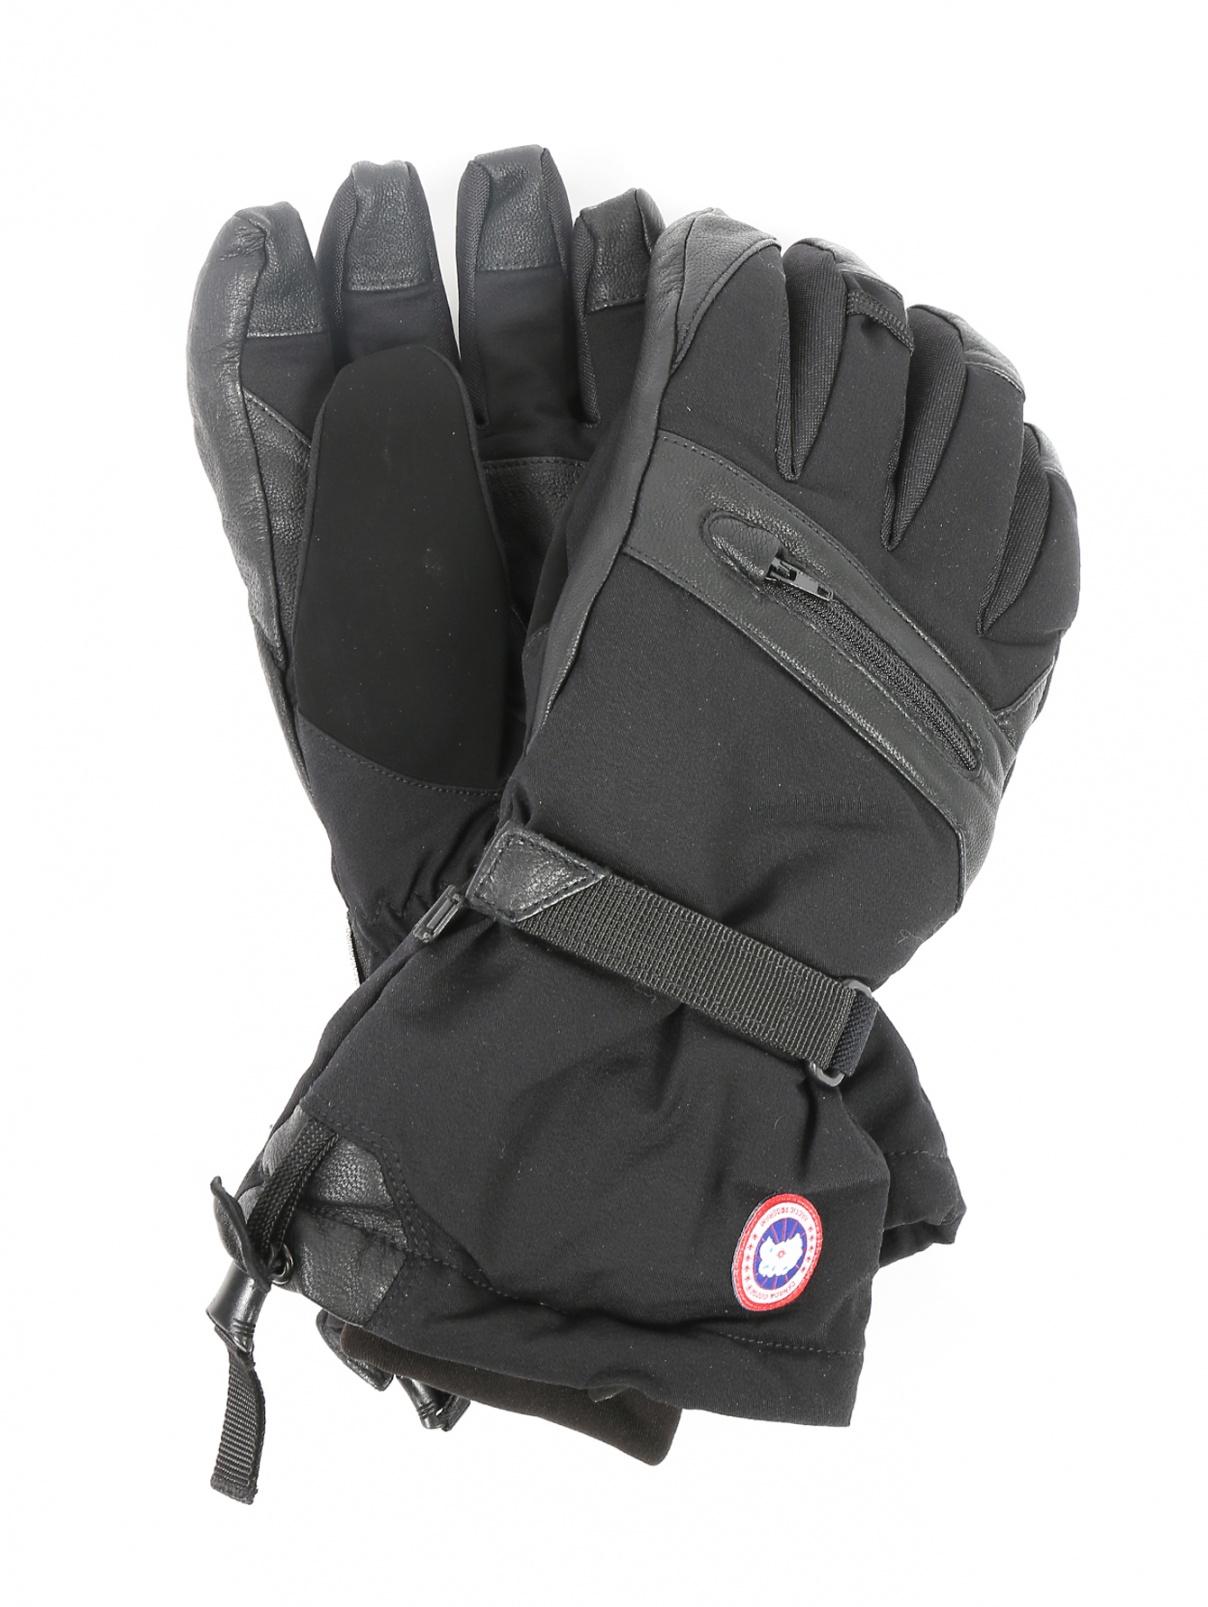 Перчатки пуховые с контрастной вставкой Canada Goose  –  Общий вид  – Цвет:  Черный